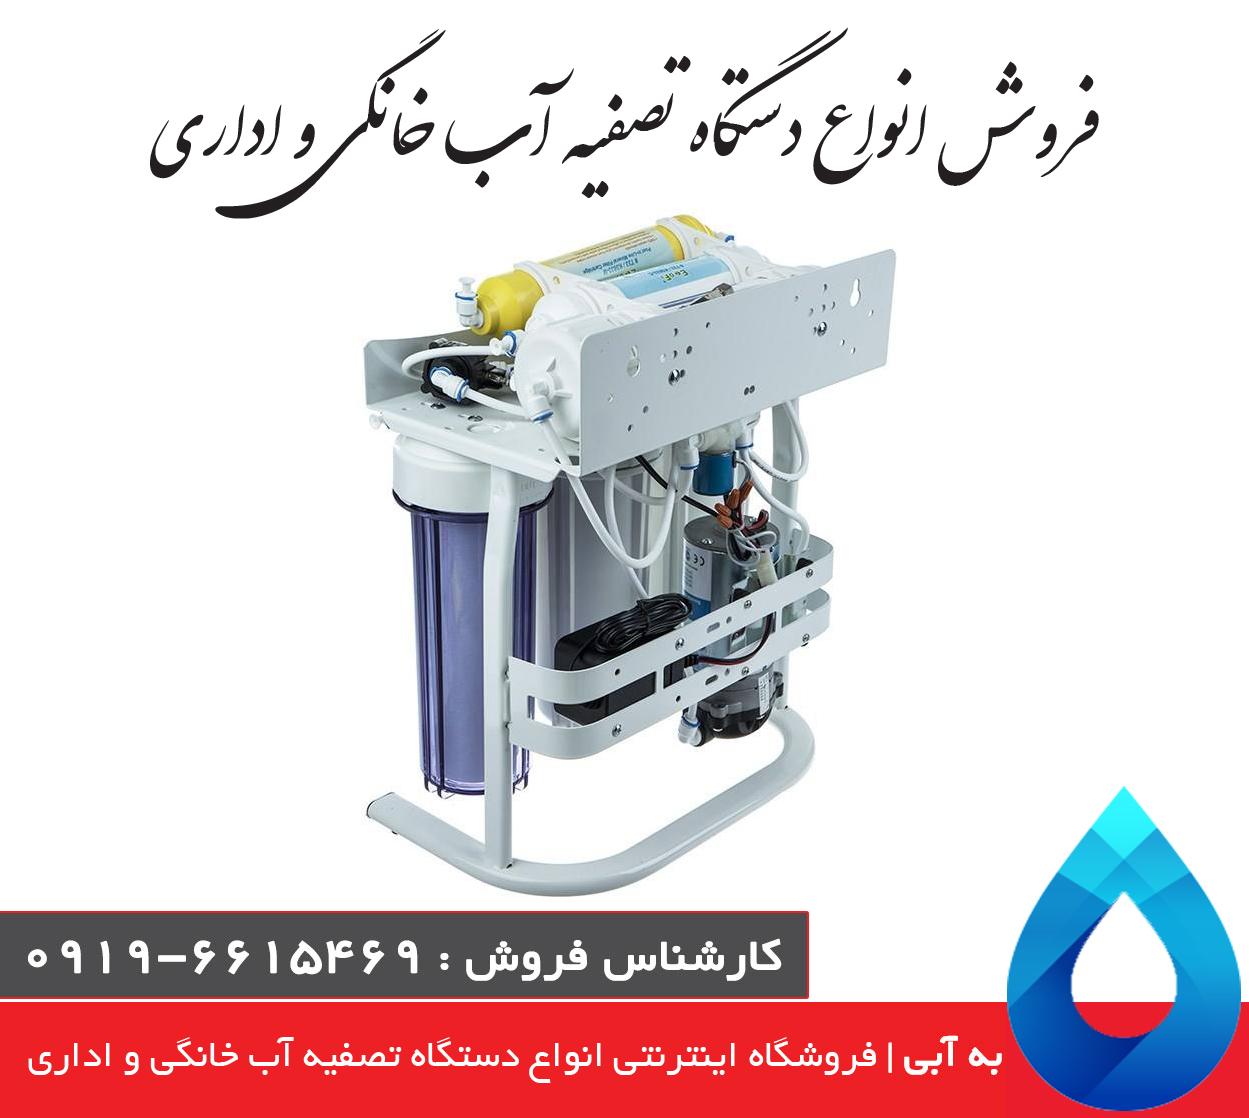 دستگاه خانگی تصفیه آب